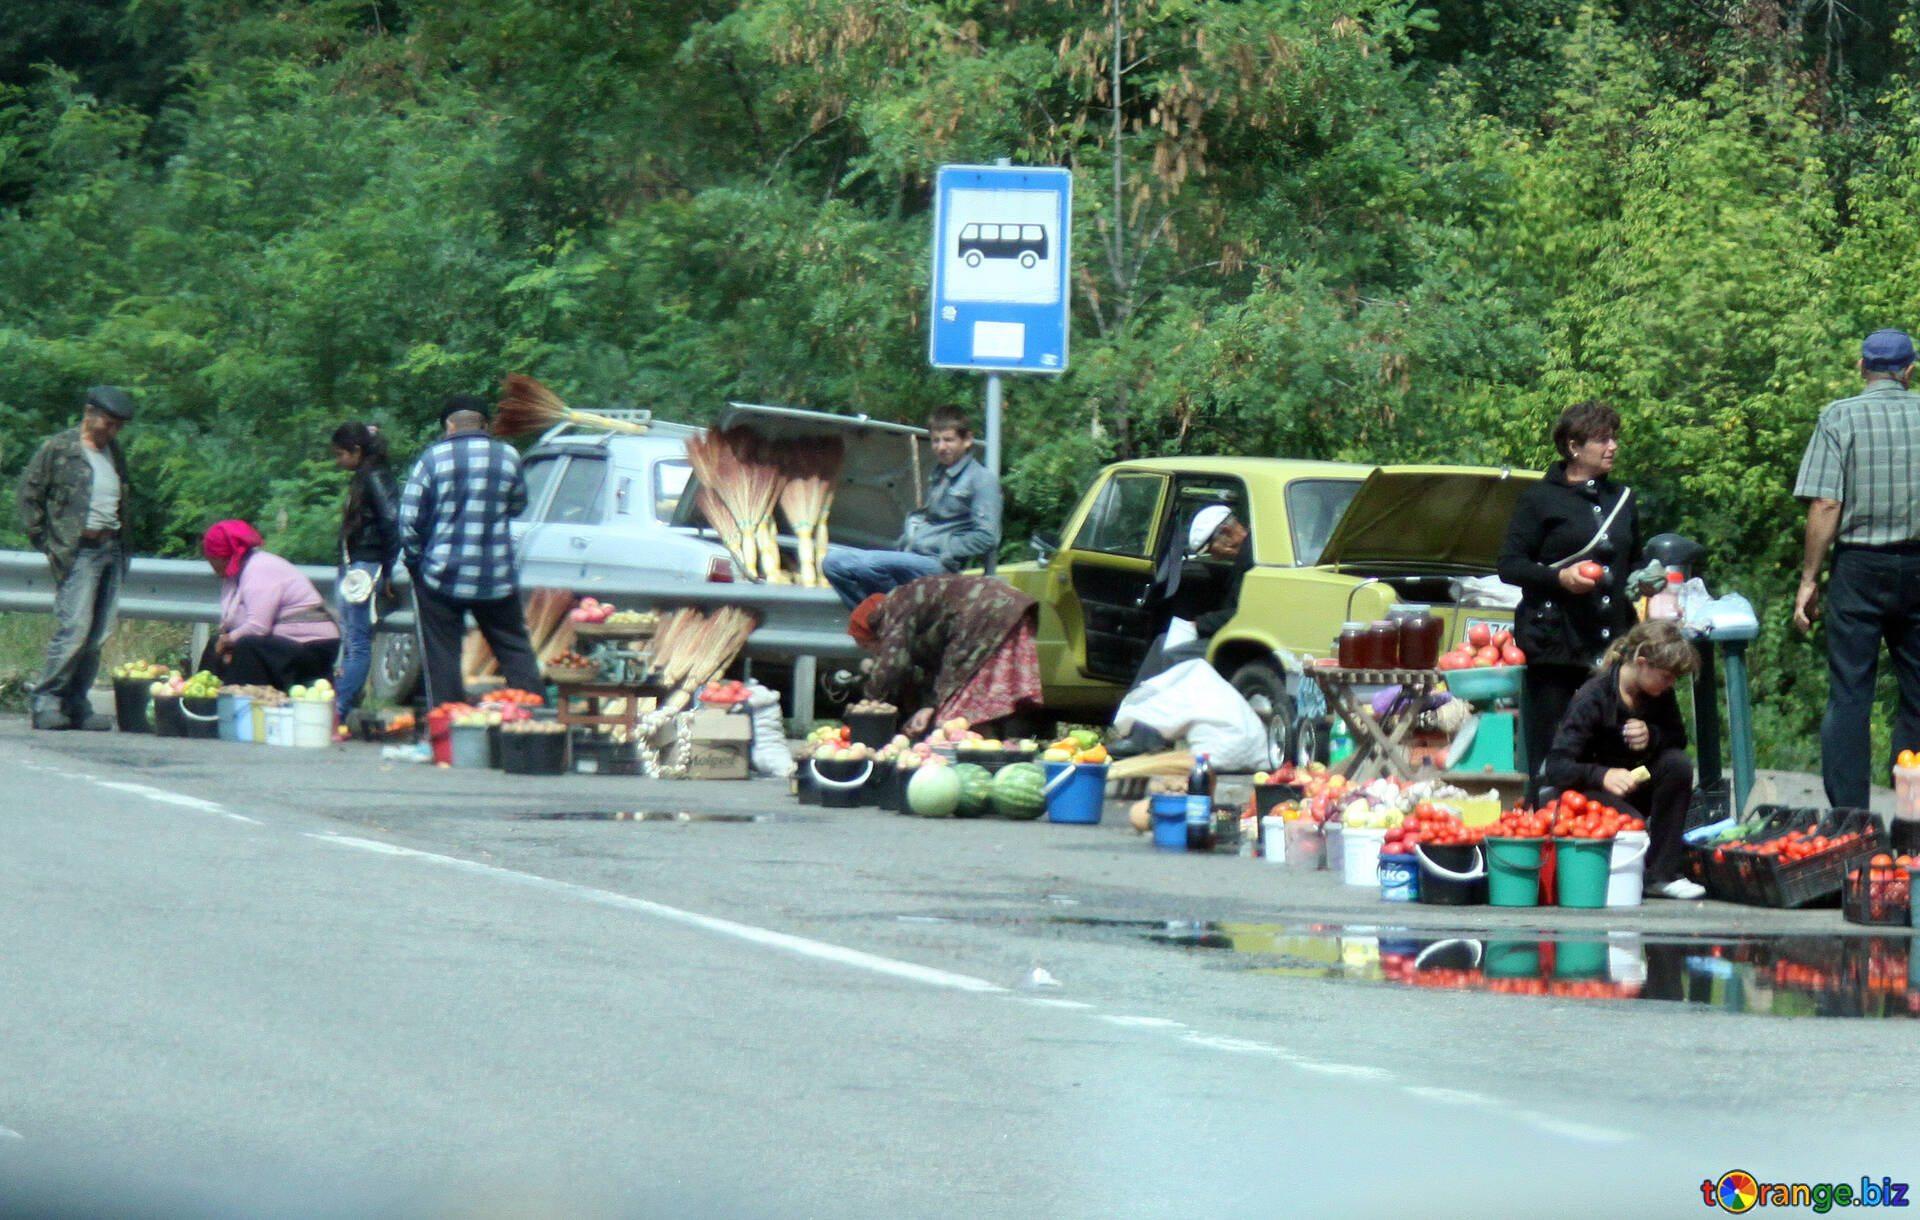 На придорожном рынке возле Херсона обвешивают покупателей